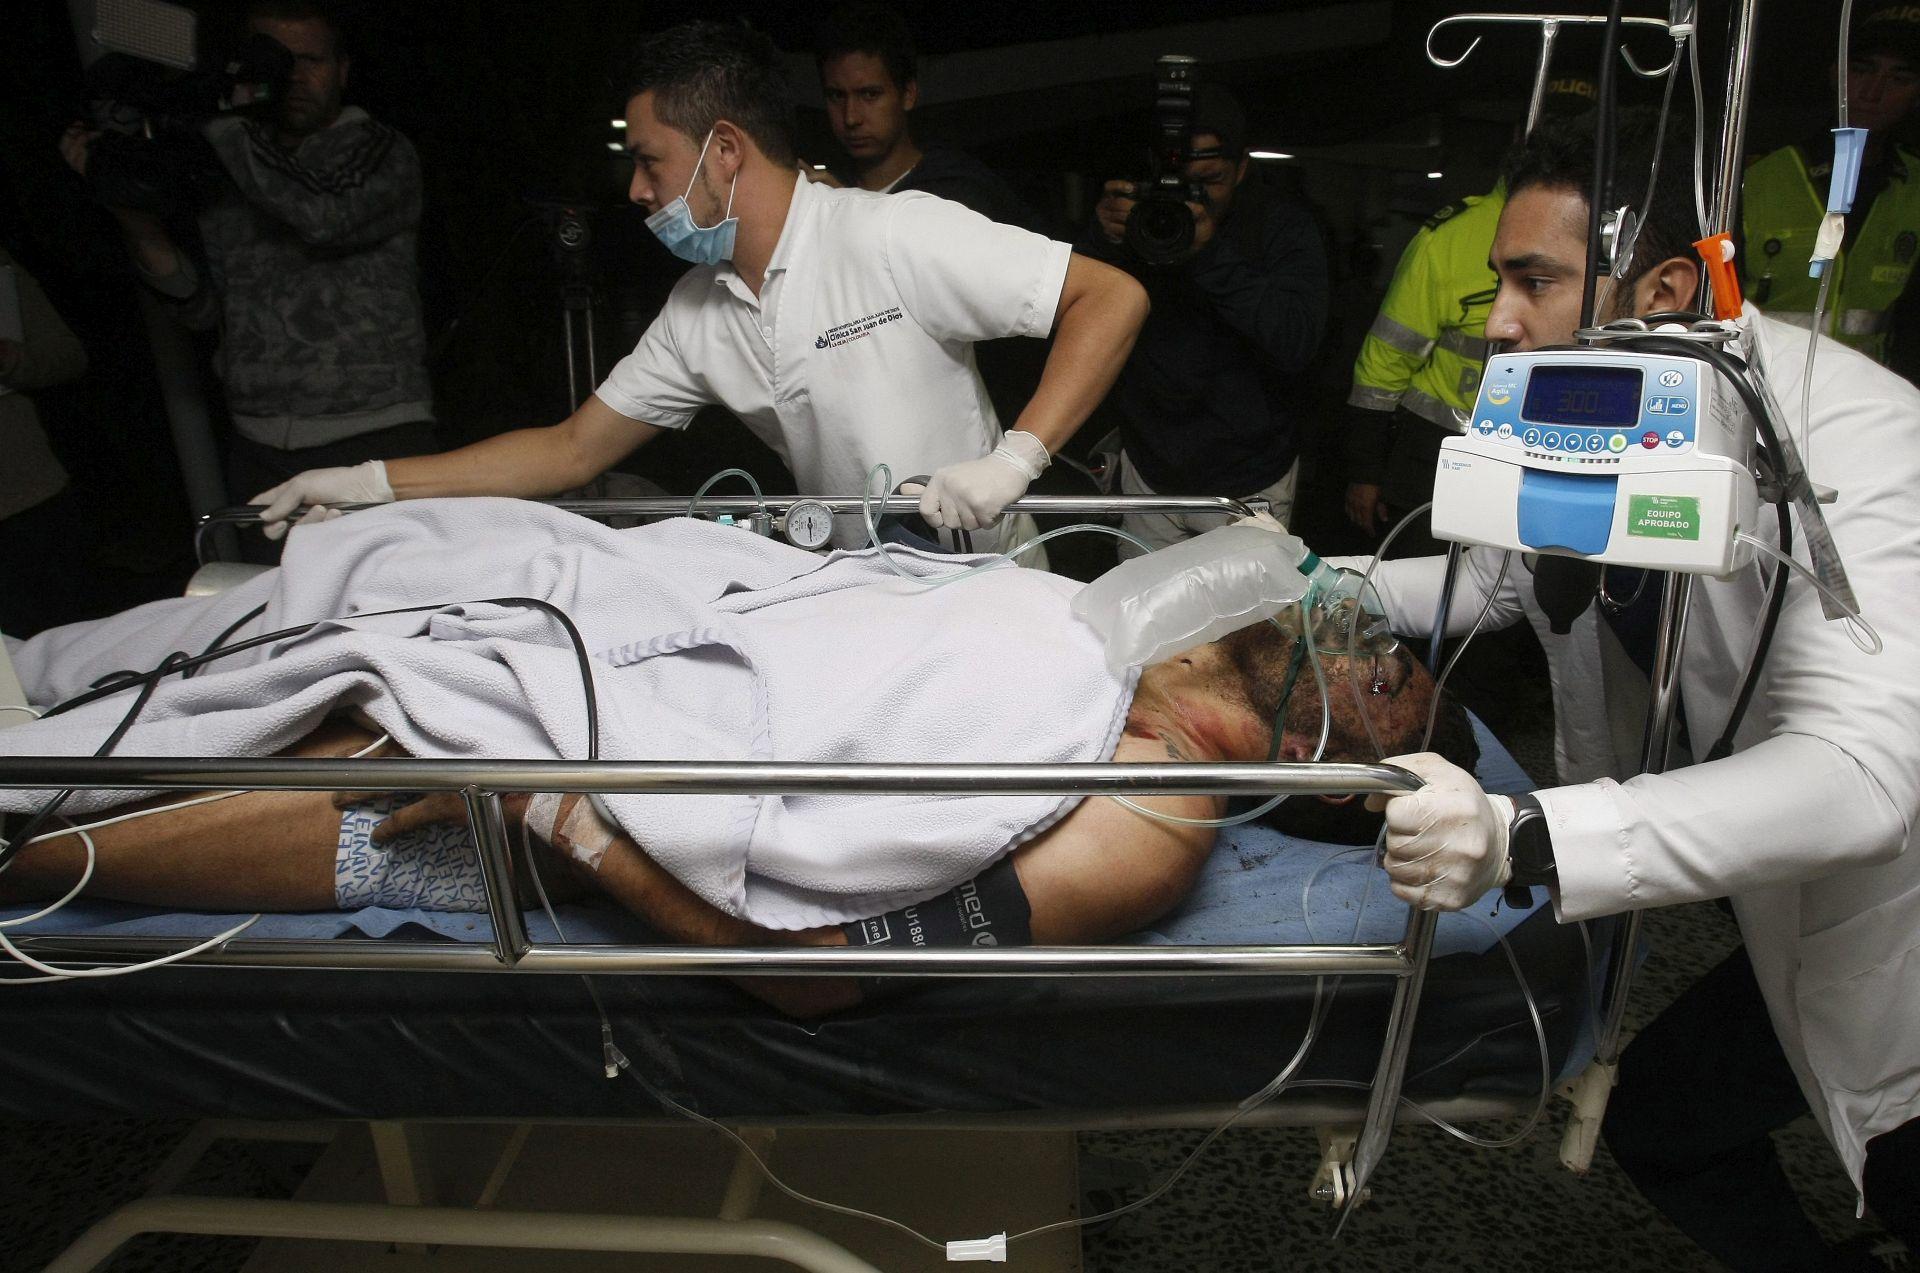 TRODNEVNA ŽALOST U BRAZILU: Pad zrakoplova preživjelo šest osoba